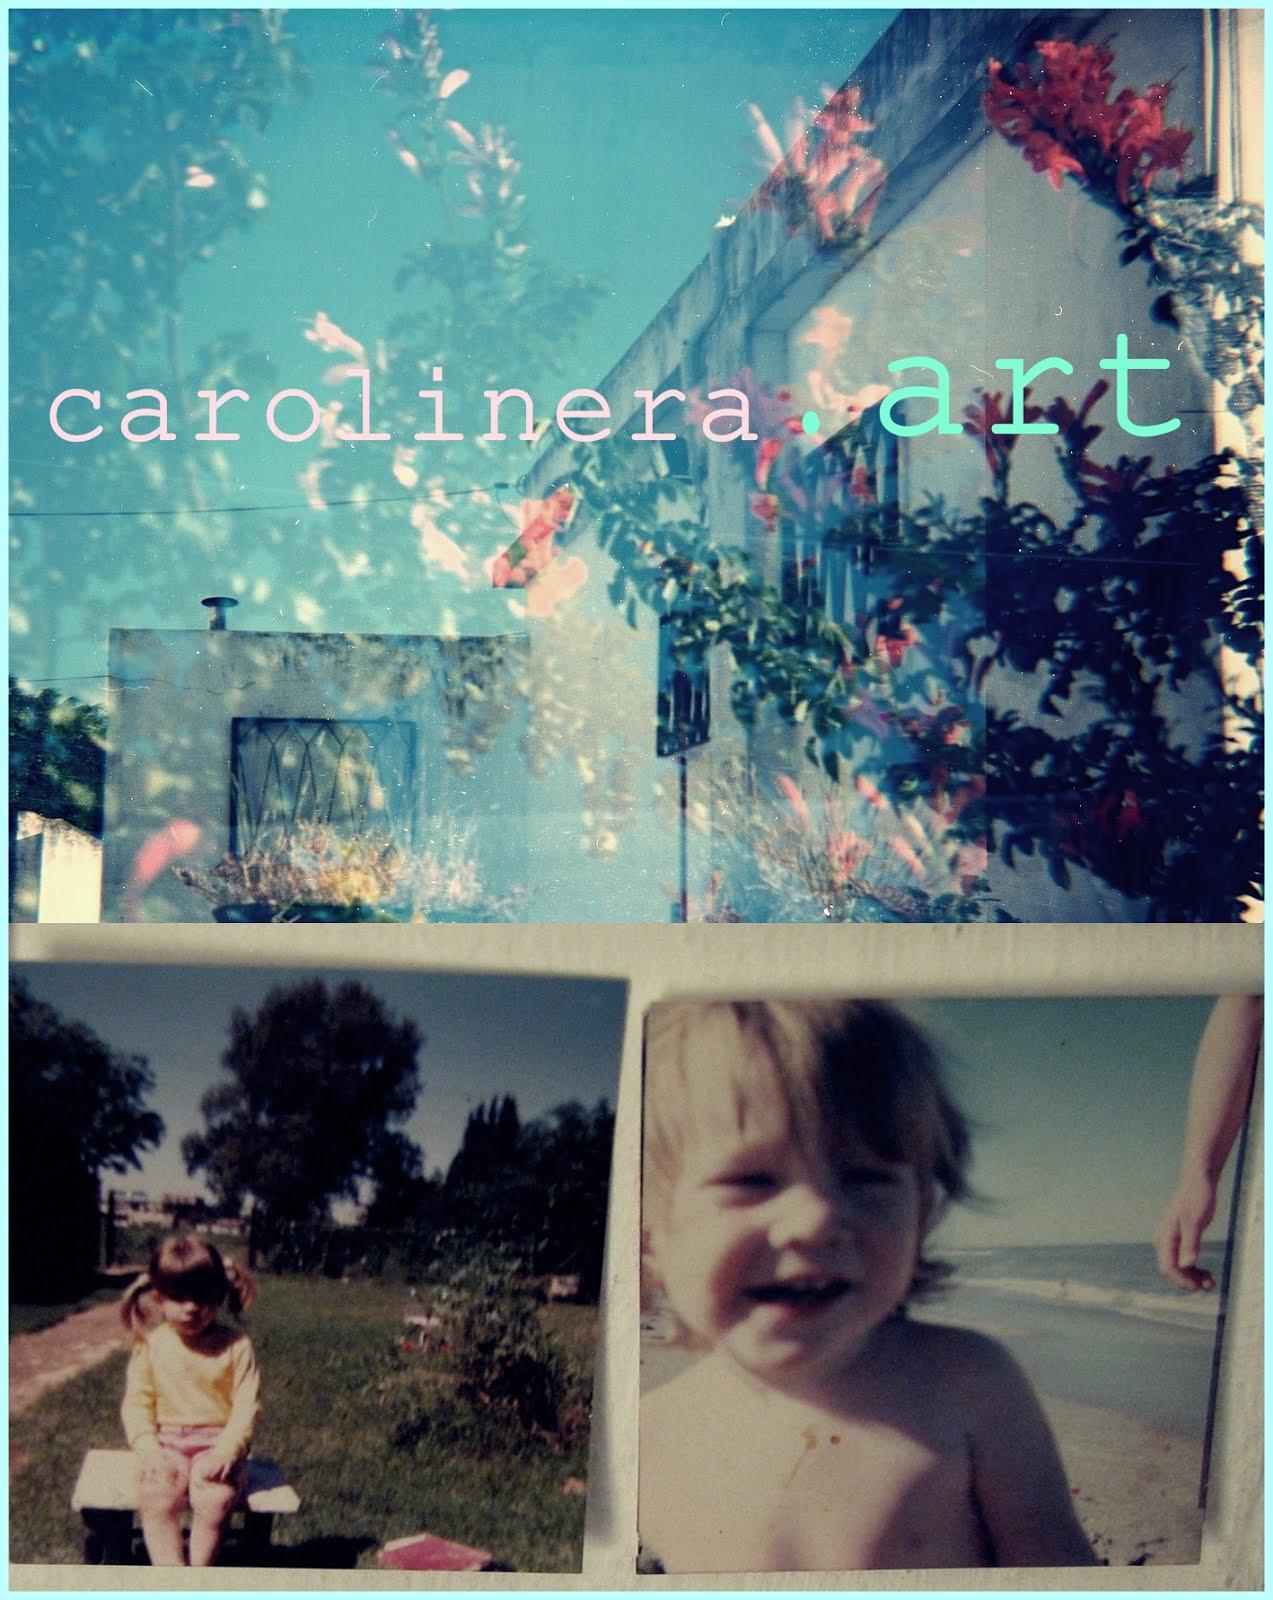 Carolinereando